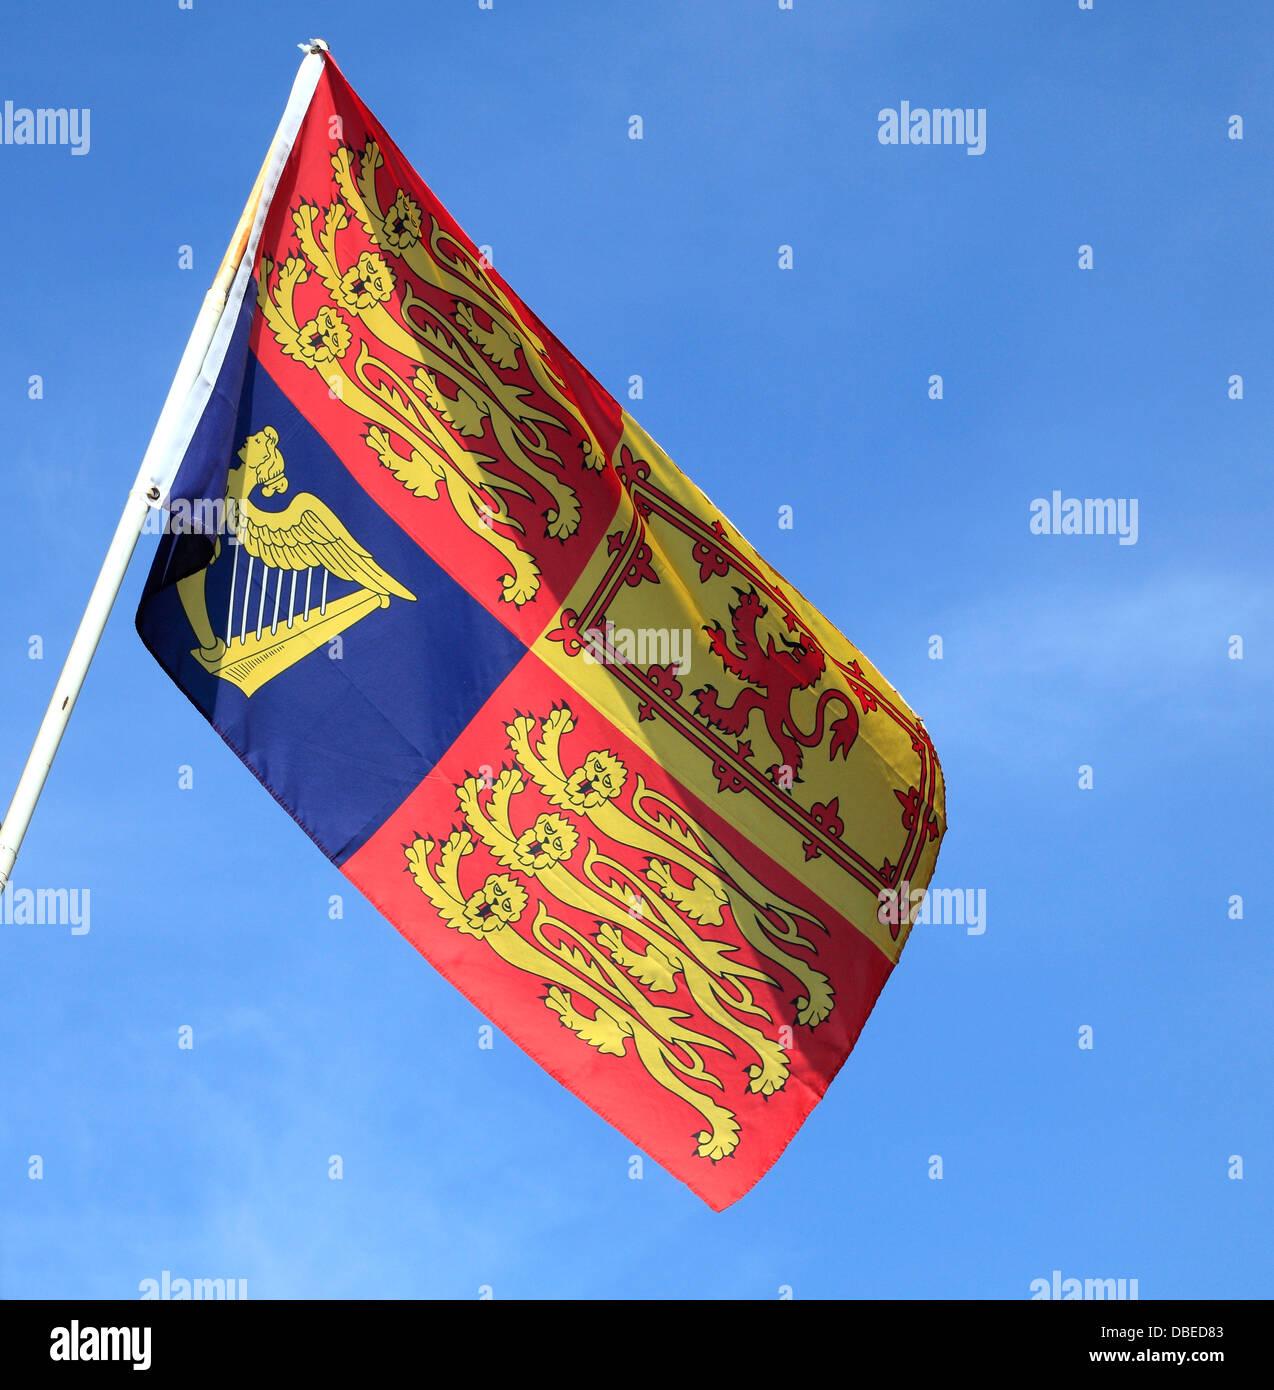 Royal Standard, bandera, banderas de Inglaterra Imagen De Stock